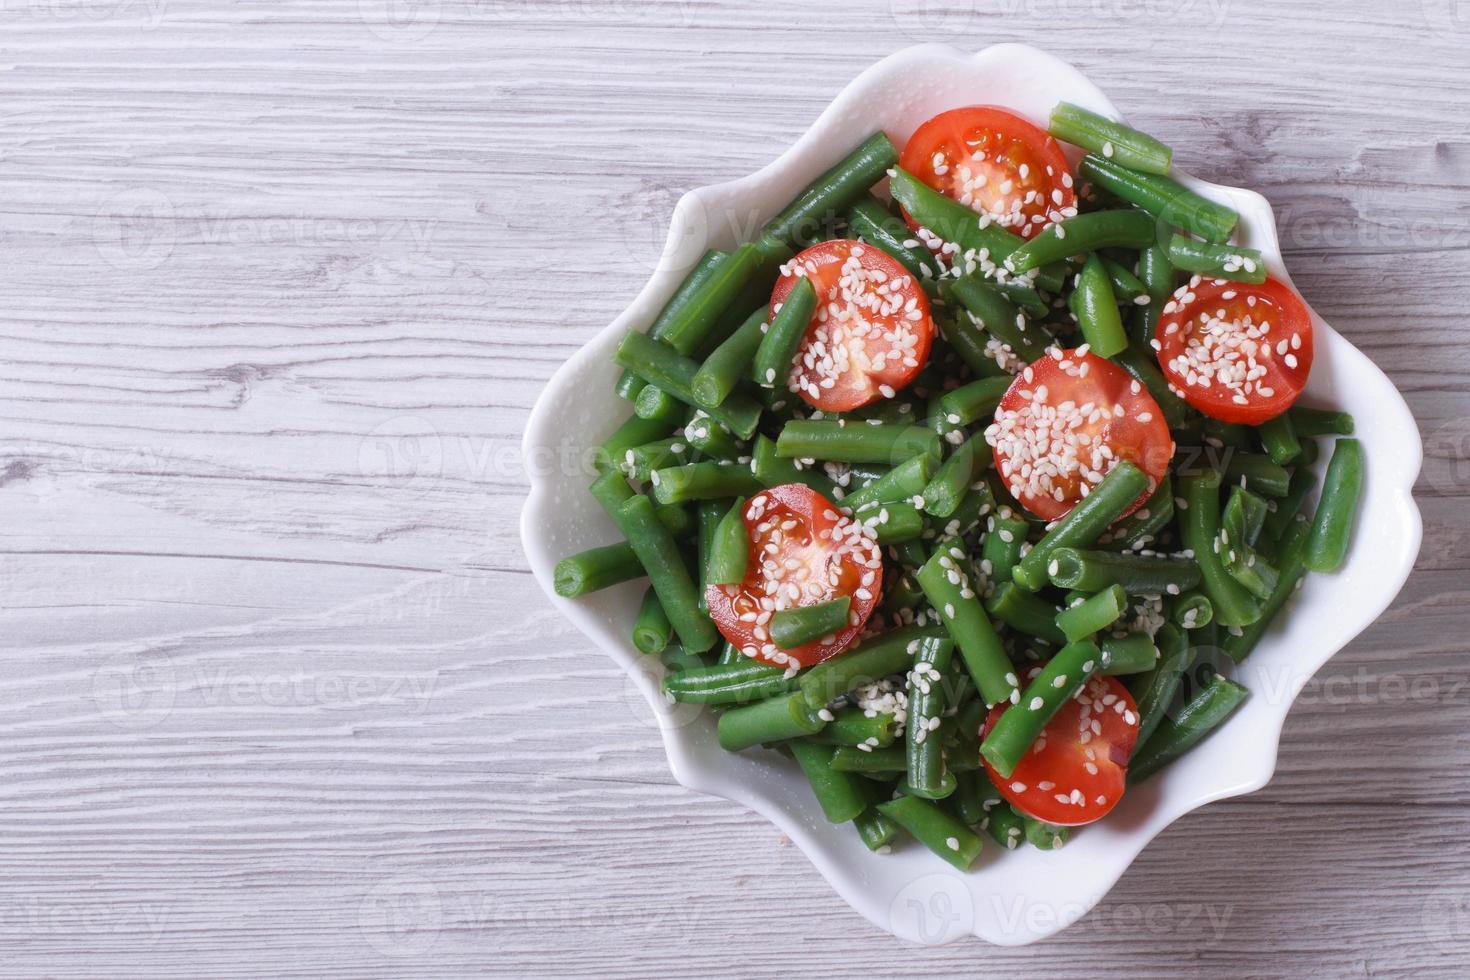 sallad med gröna bönor och sesamfrön ovanifrån foto